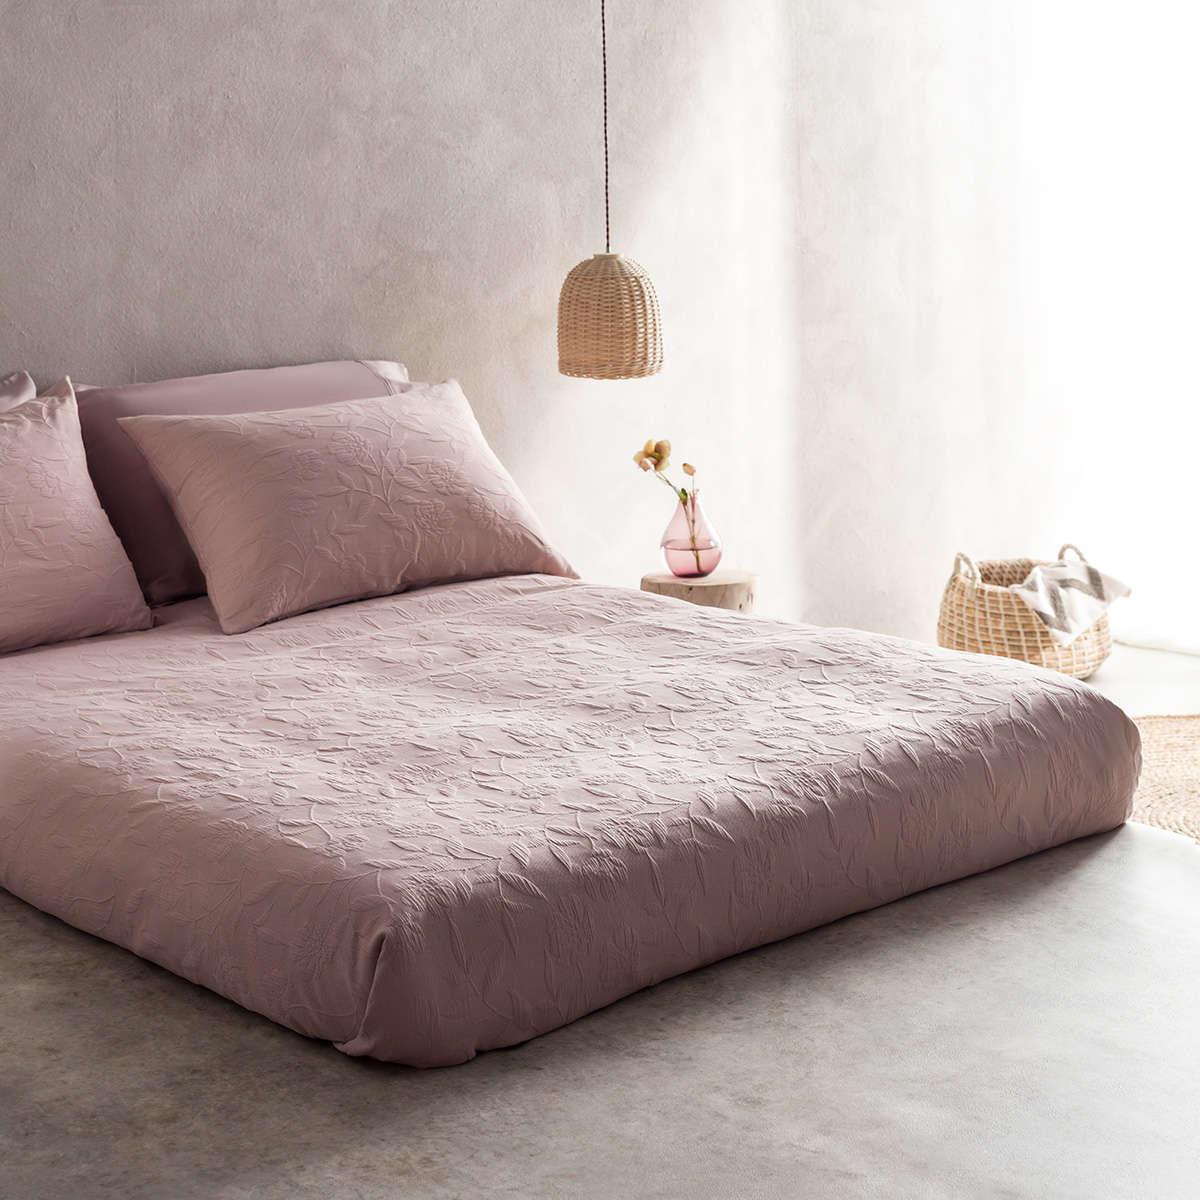 Κουβερτόριο Laurele Pink 978B/17 Gofis Home Μονό 170x230cm